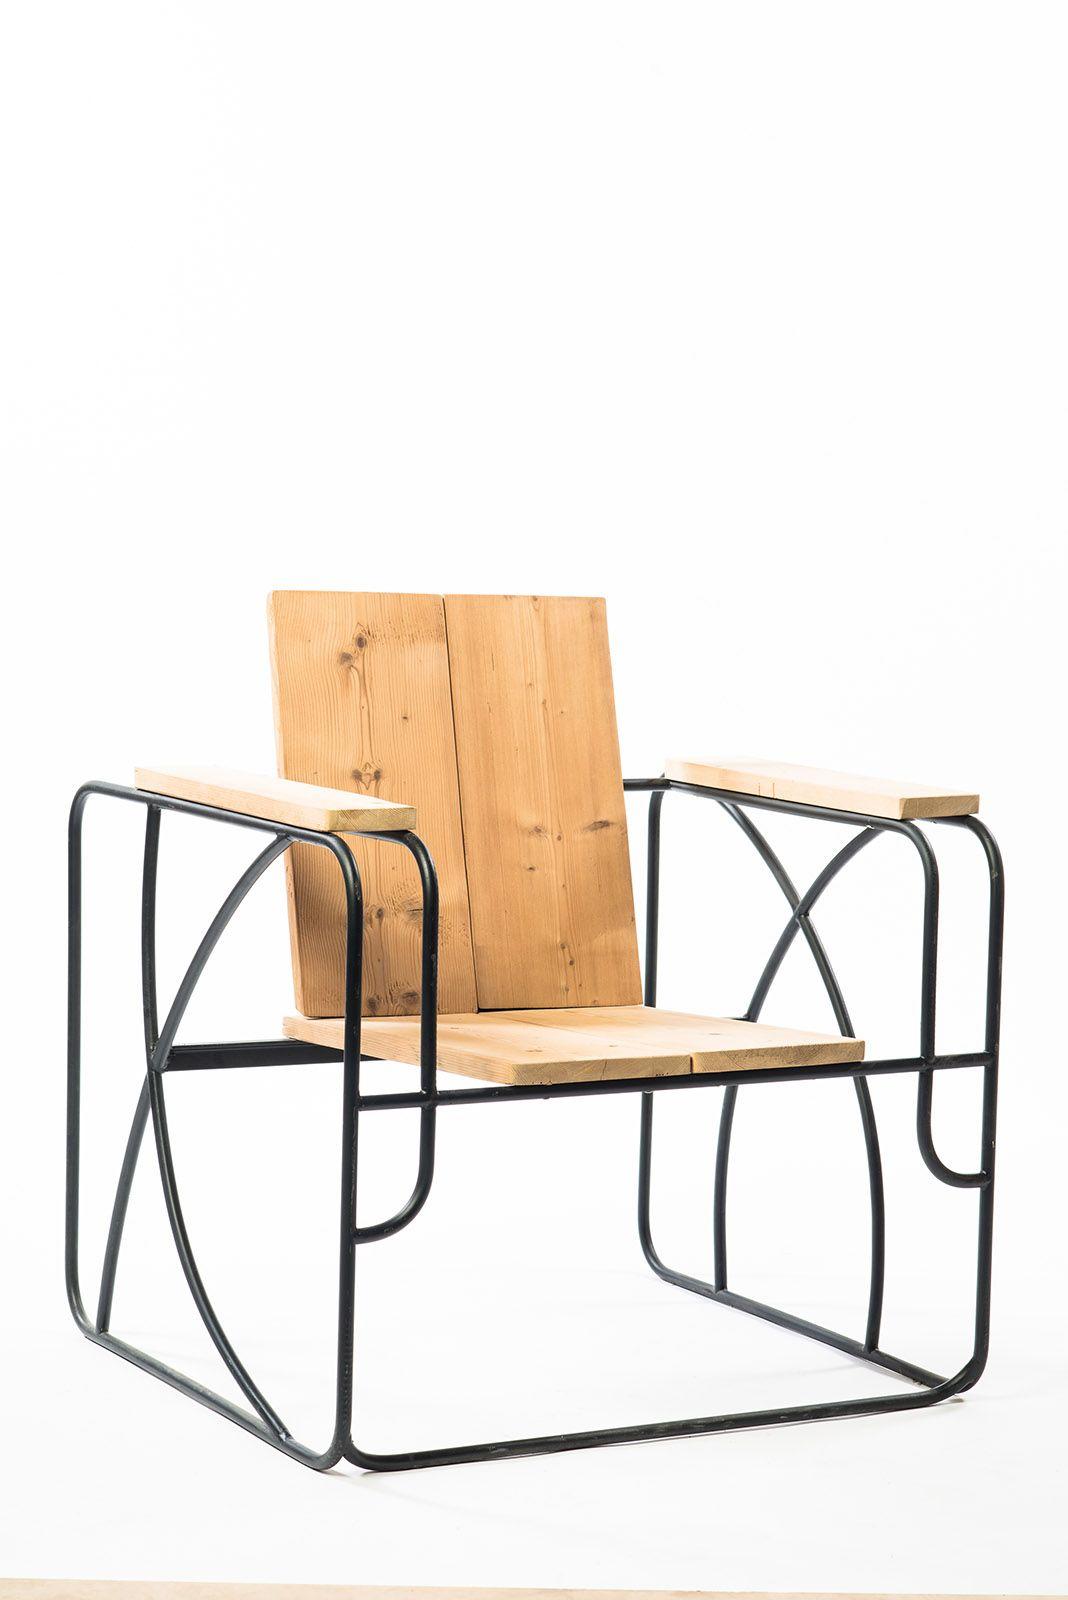 club fauteuil, bois et fer, Etreinte, Eco Fabrik, design, made in France www.amenagement-ecodesign.com www.eco-fabrik.com